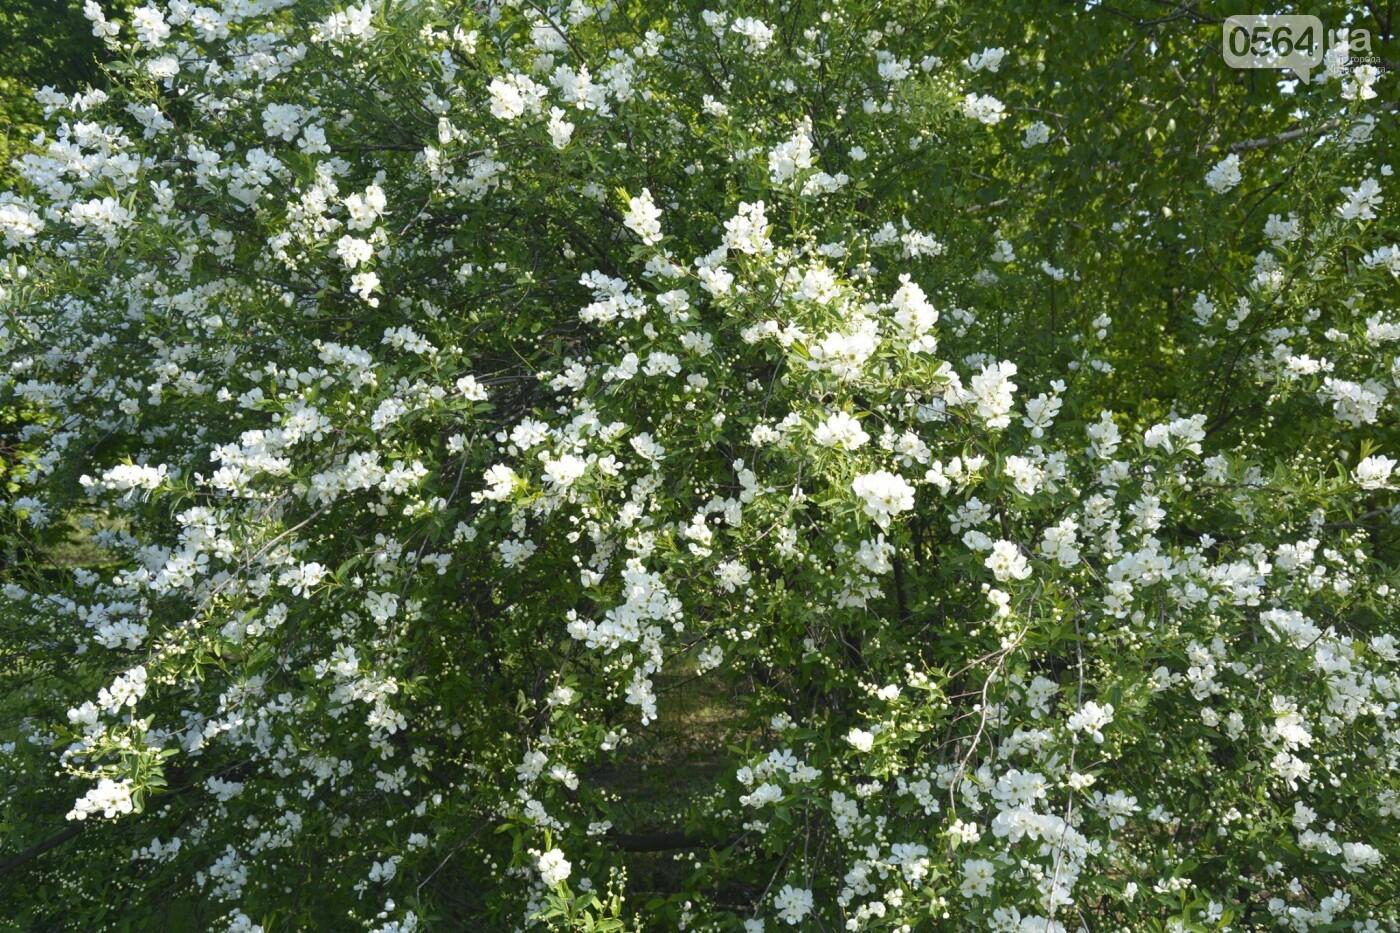 """Коллекция сирени, тюльпан """"Черный кофе"""", барбарис, - как выглядит Криворожский ботанический сад сегодня, - ФОТО, фото-21"""